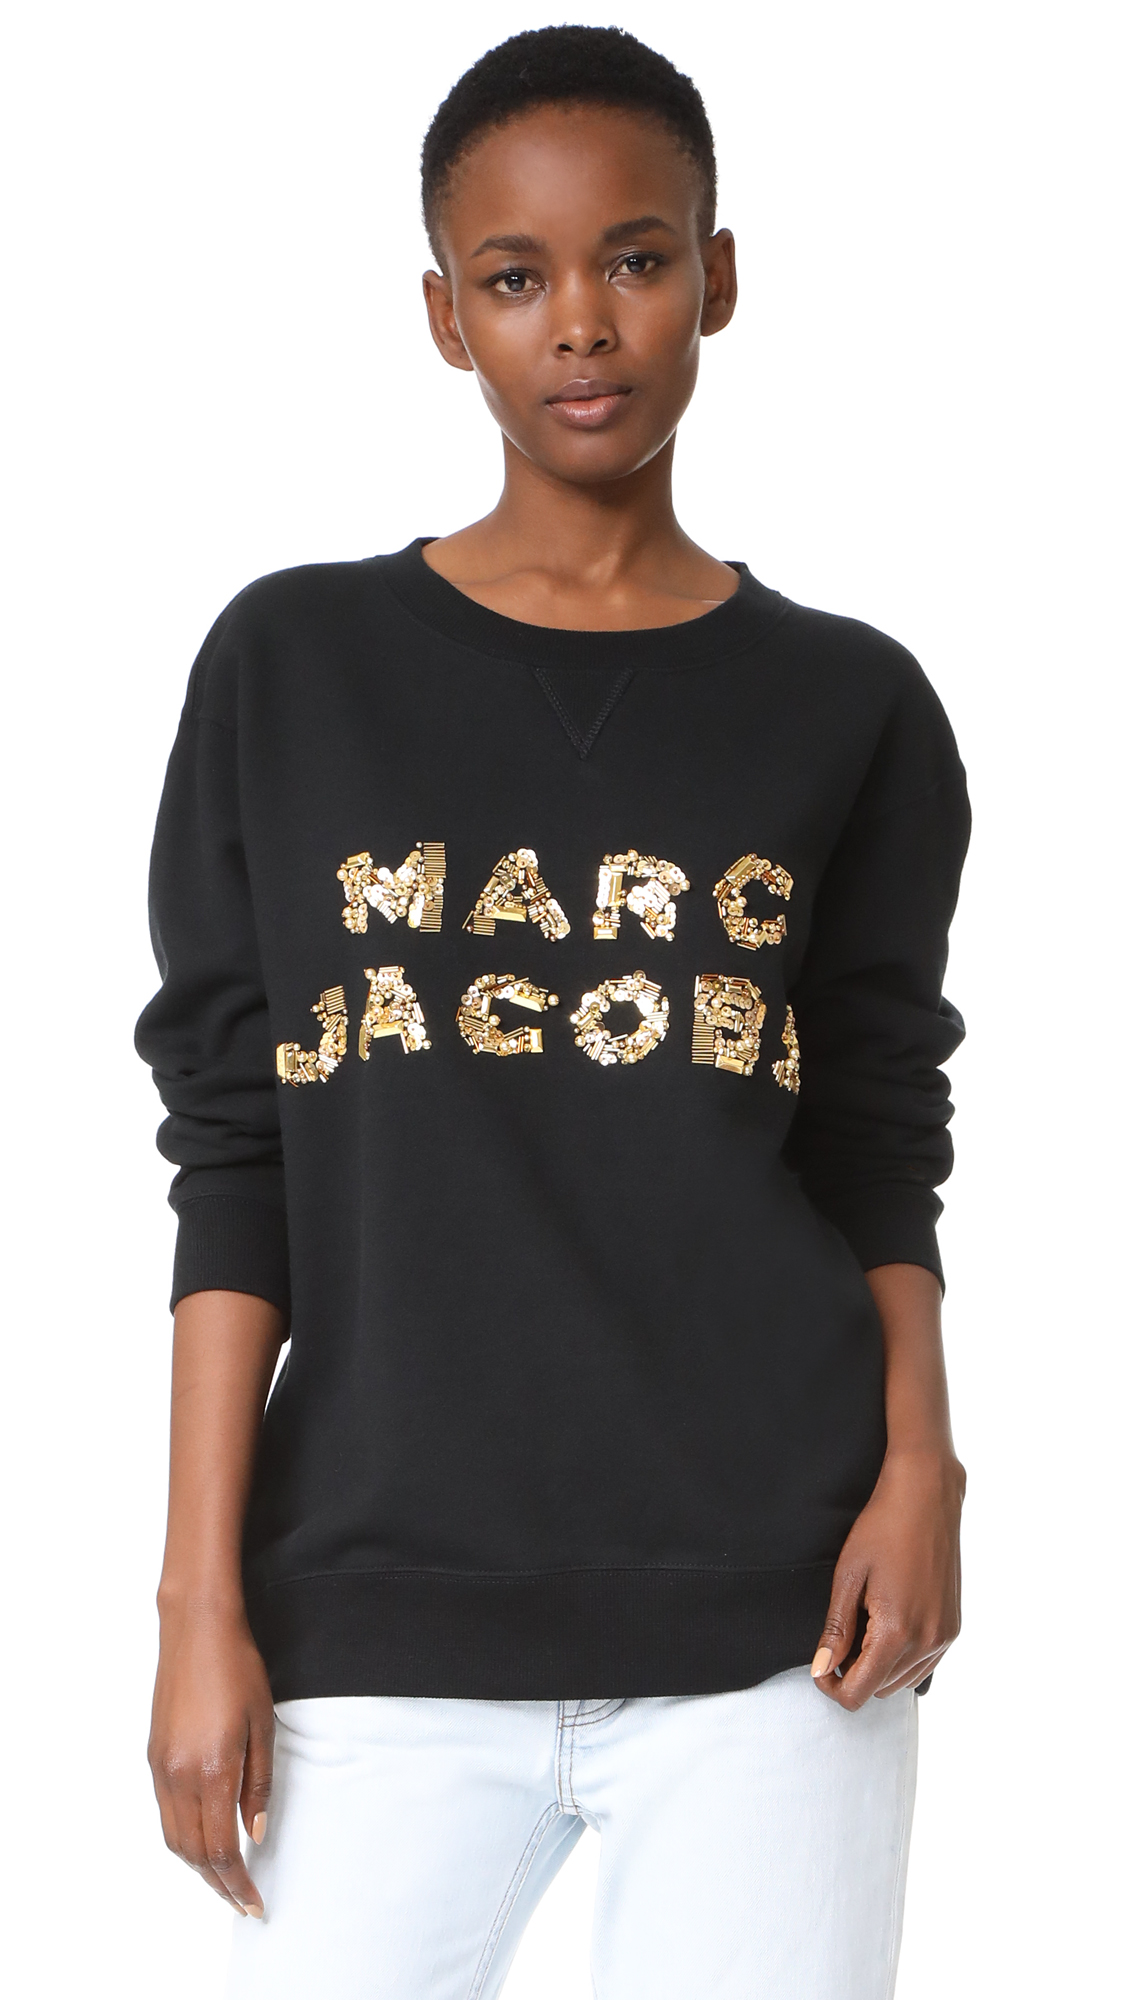 Marc Jacobs Oversized Logo Sweatshirt - Black